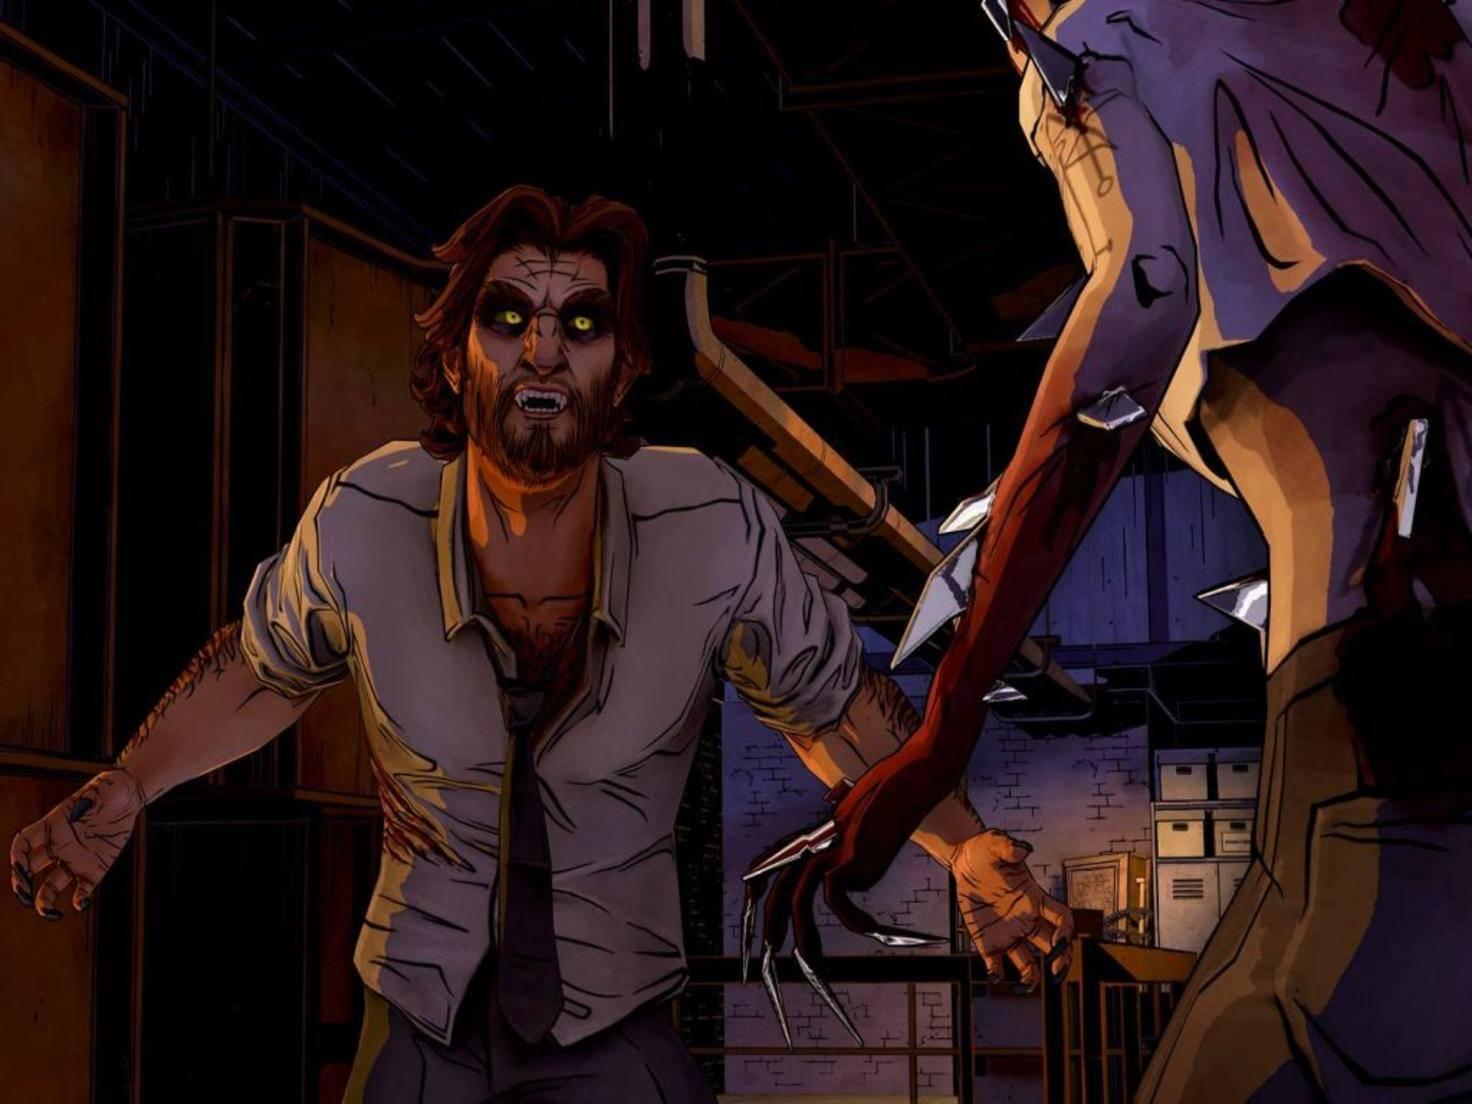 """""""Was hast du für großeAAAARGH!"""" - Bigby Wolf ist mächtig sauer."""